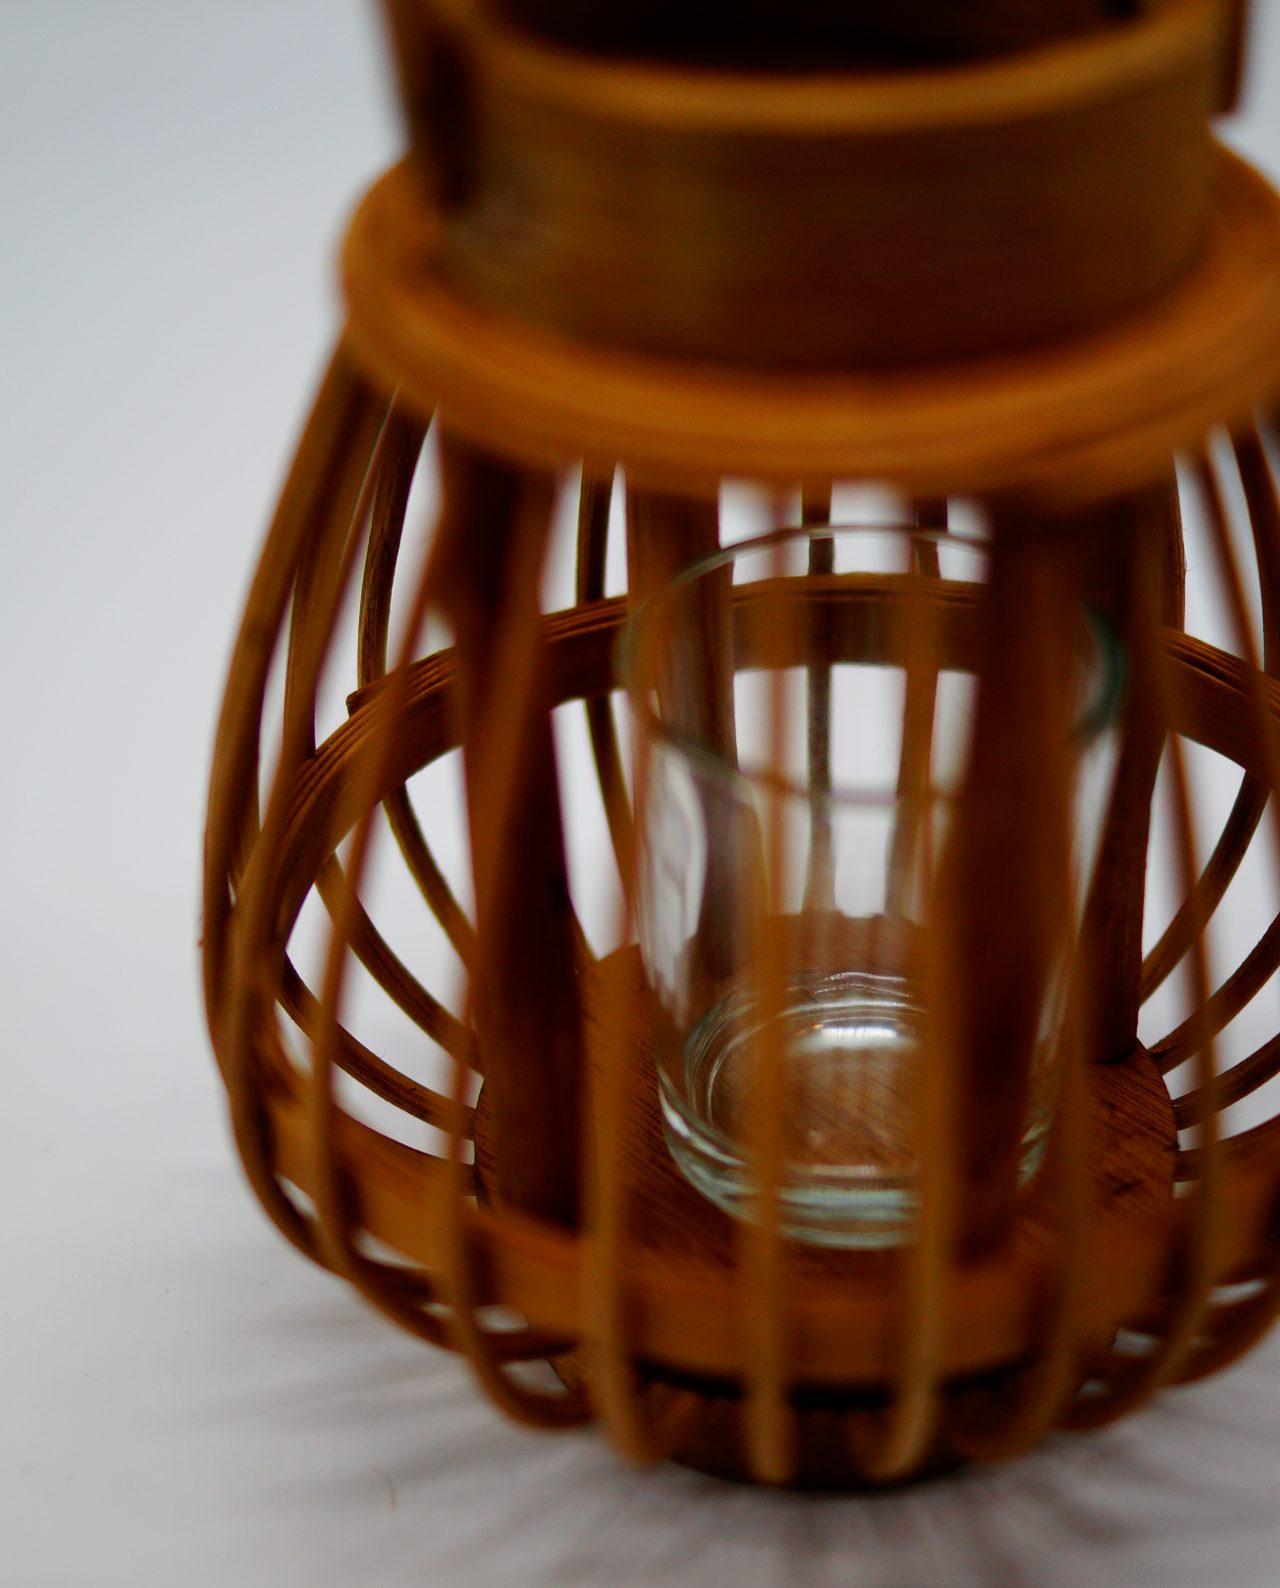 Φανάρι από καφέ μπαμπού με γυαλί ρεσώ Ύψους 17 cm